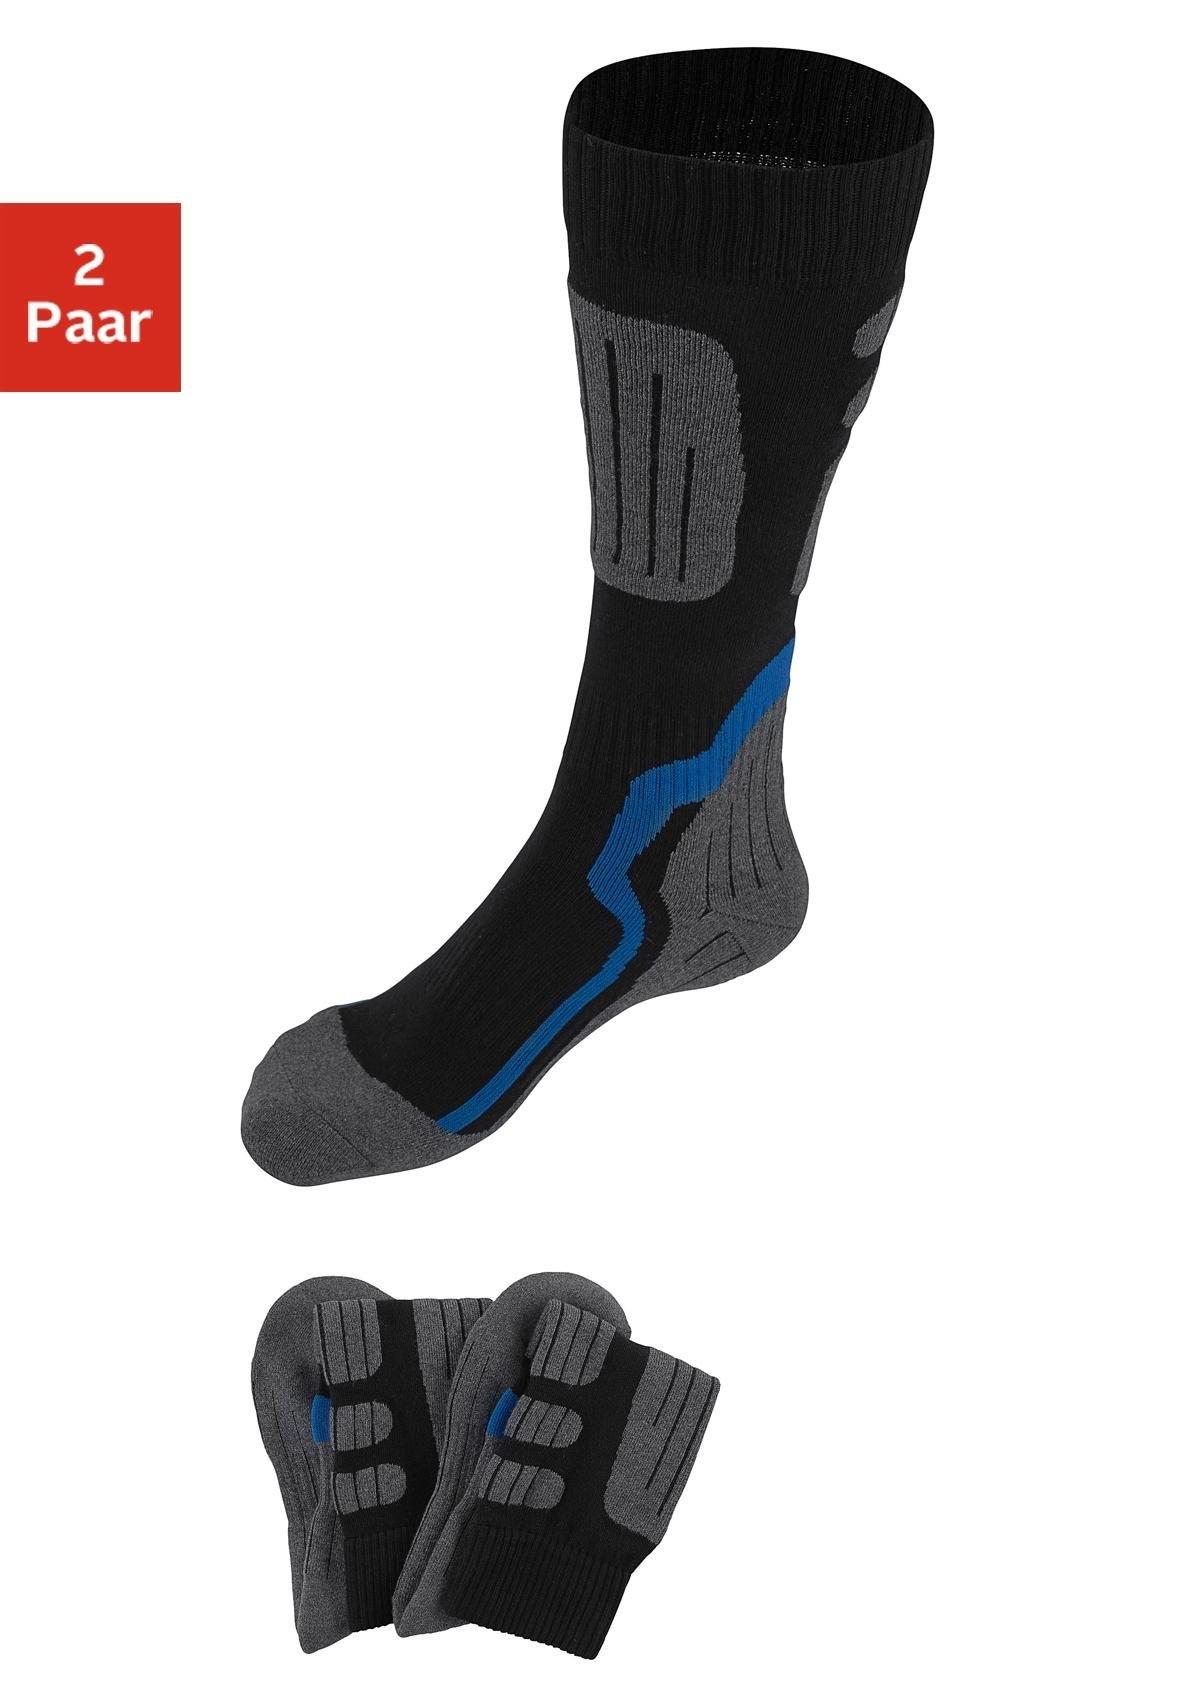 Go in kniekousen ideaal voor de wintersport (2 paar) voordelig en veilig online kopen